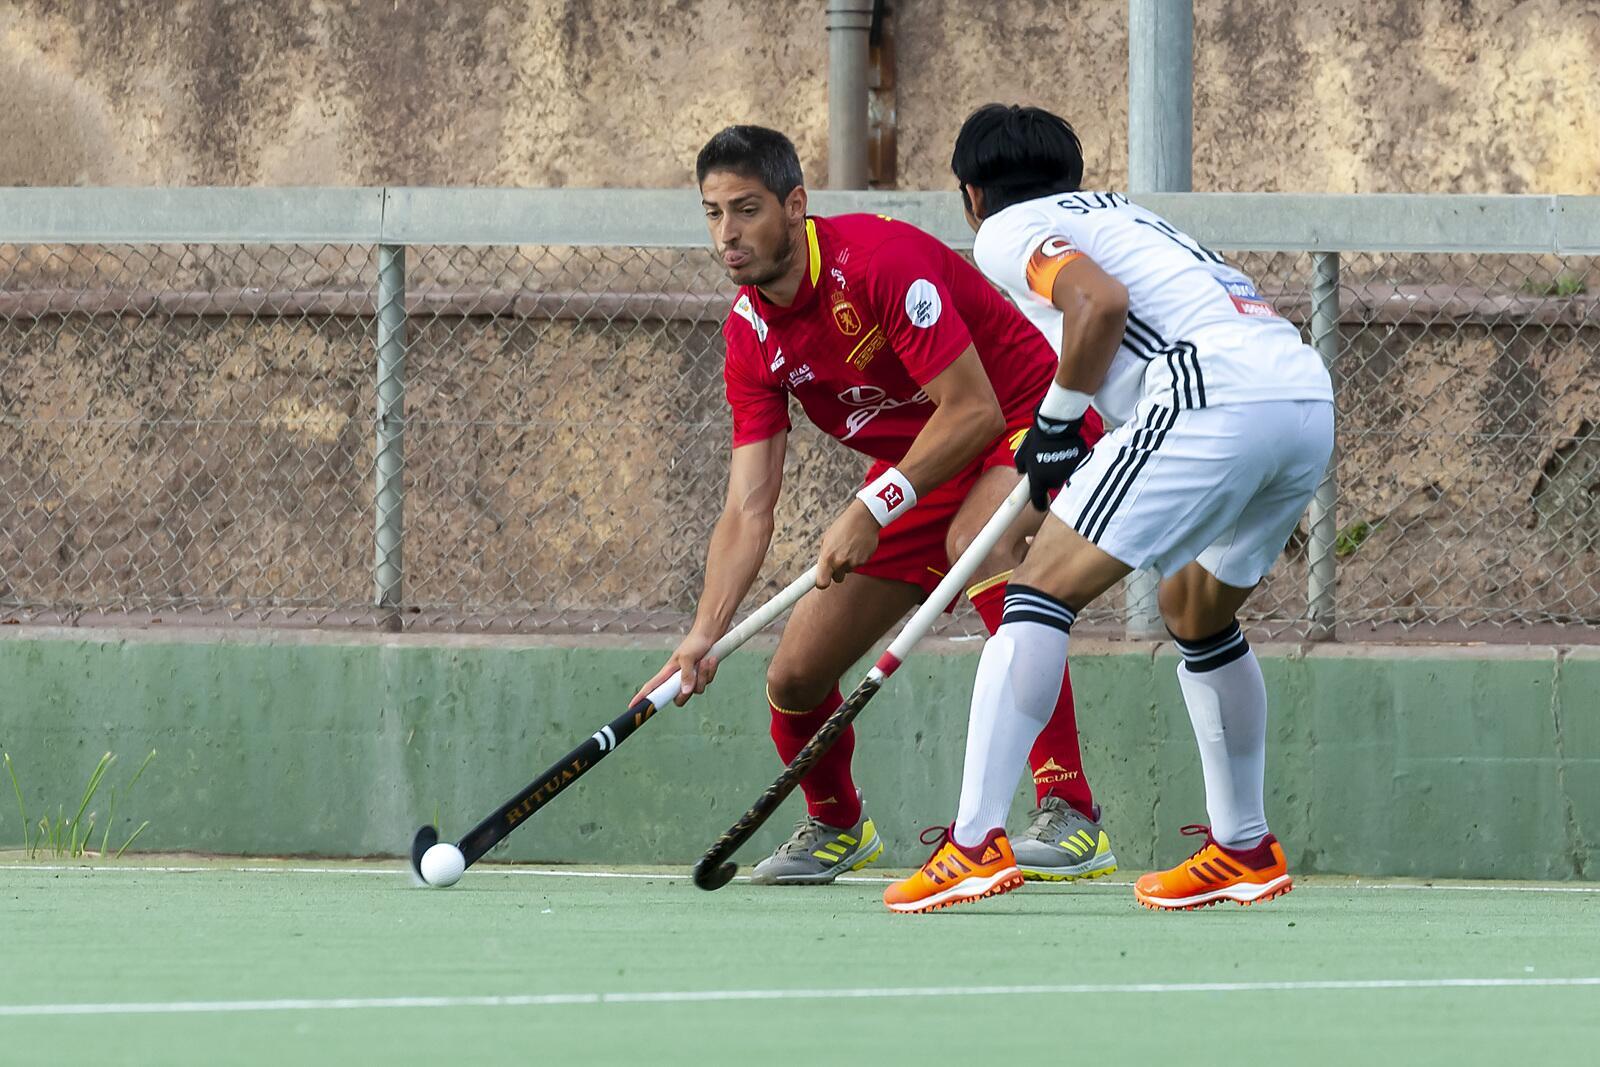 Una jugada del partit de la selecció espanyola contra Malàisia